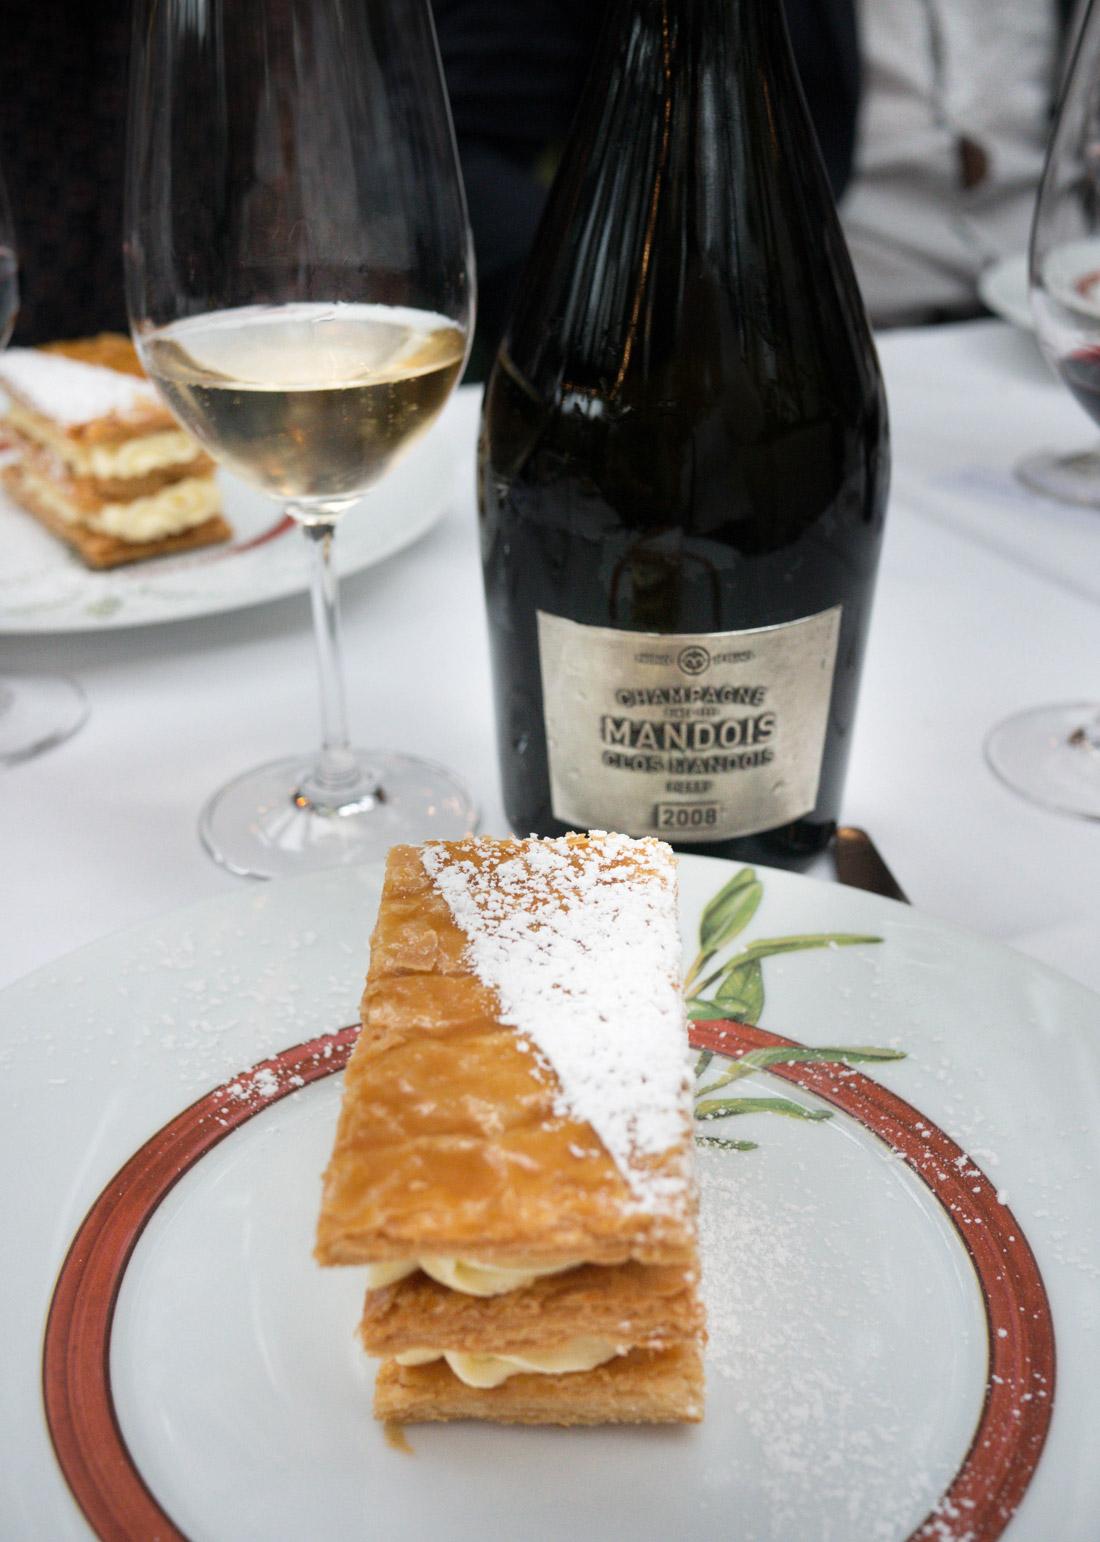 """Millefeuille vanille de Madagascar et champagne brut """"Clos Mandois"""" servis à la Closerie des Lilas pour le déjeuner des Clos"""